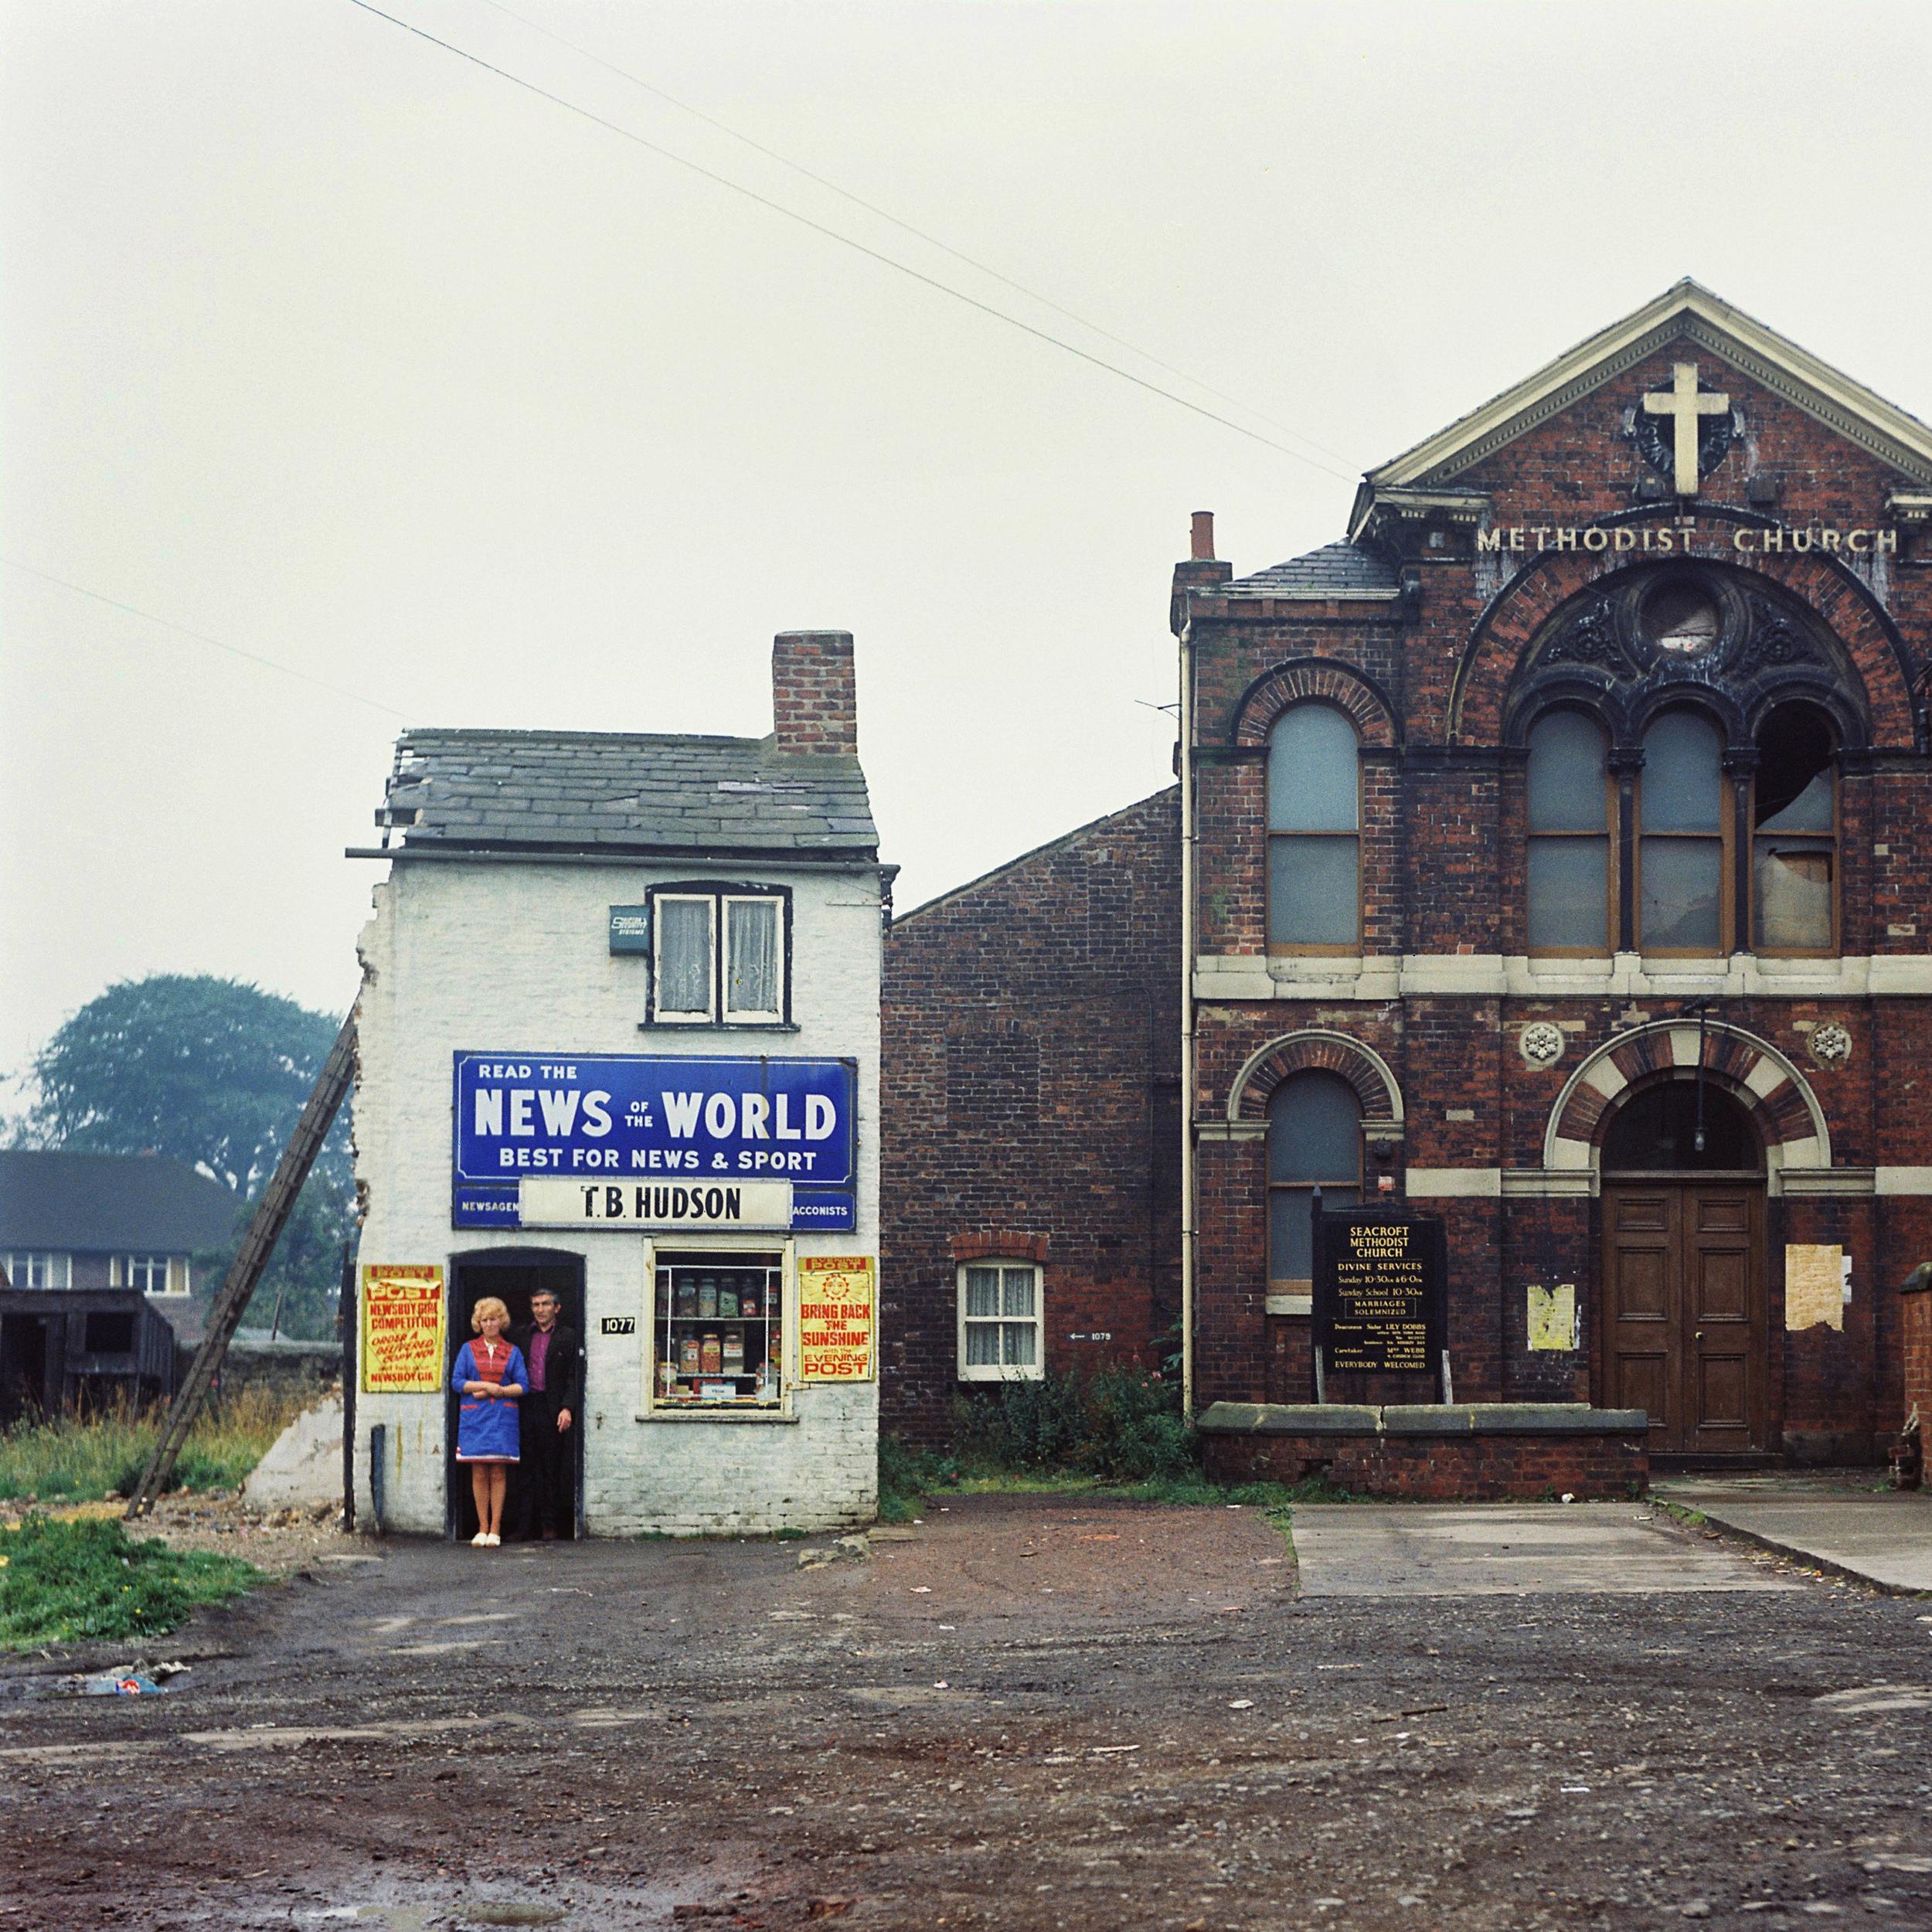 ©Peter Mitchell,Mr. & Mrs. Hudson. Wedsneday 14 August 74. 11 a.m. Seacroft Green, Leeds.